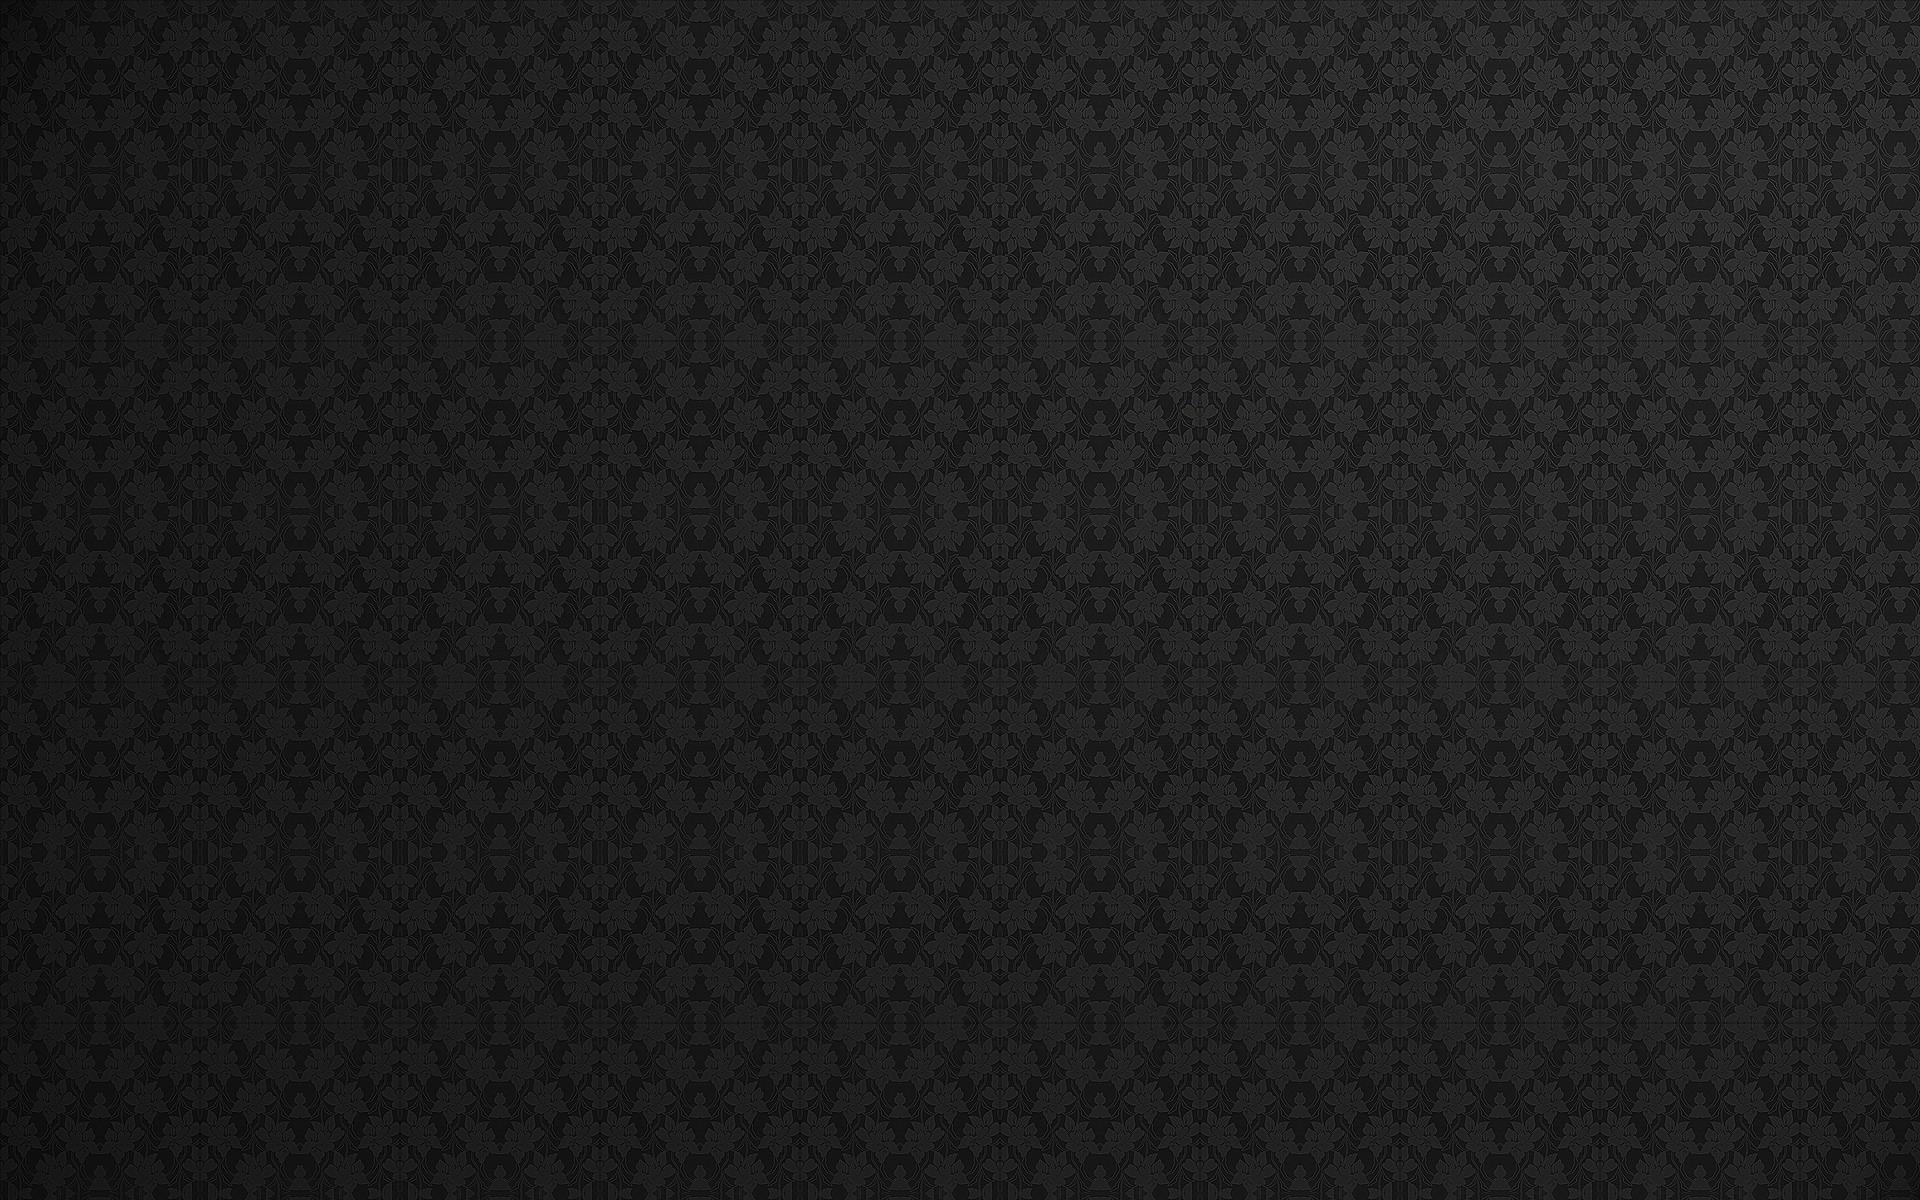 elegant black wallpaper 57 images getwallpapers com